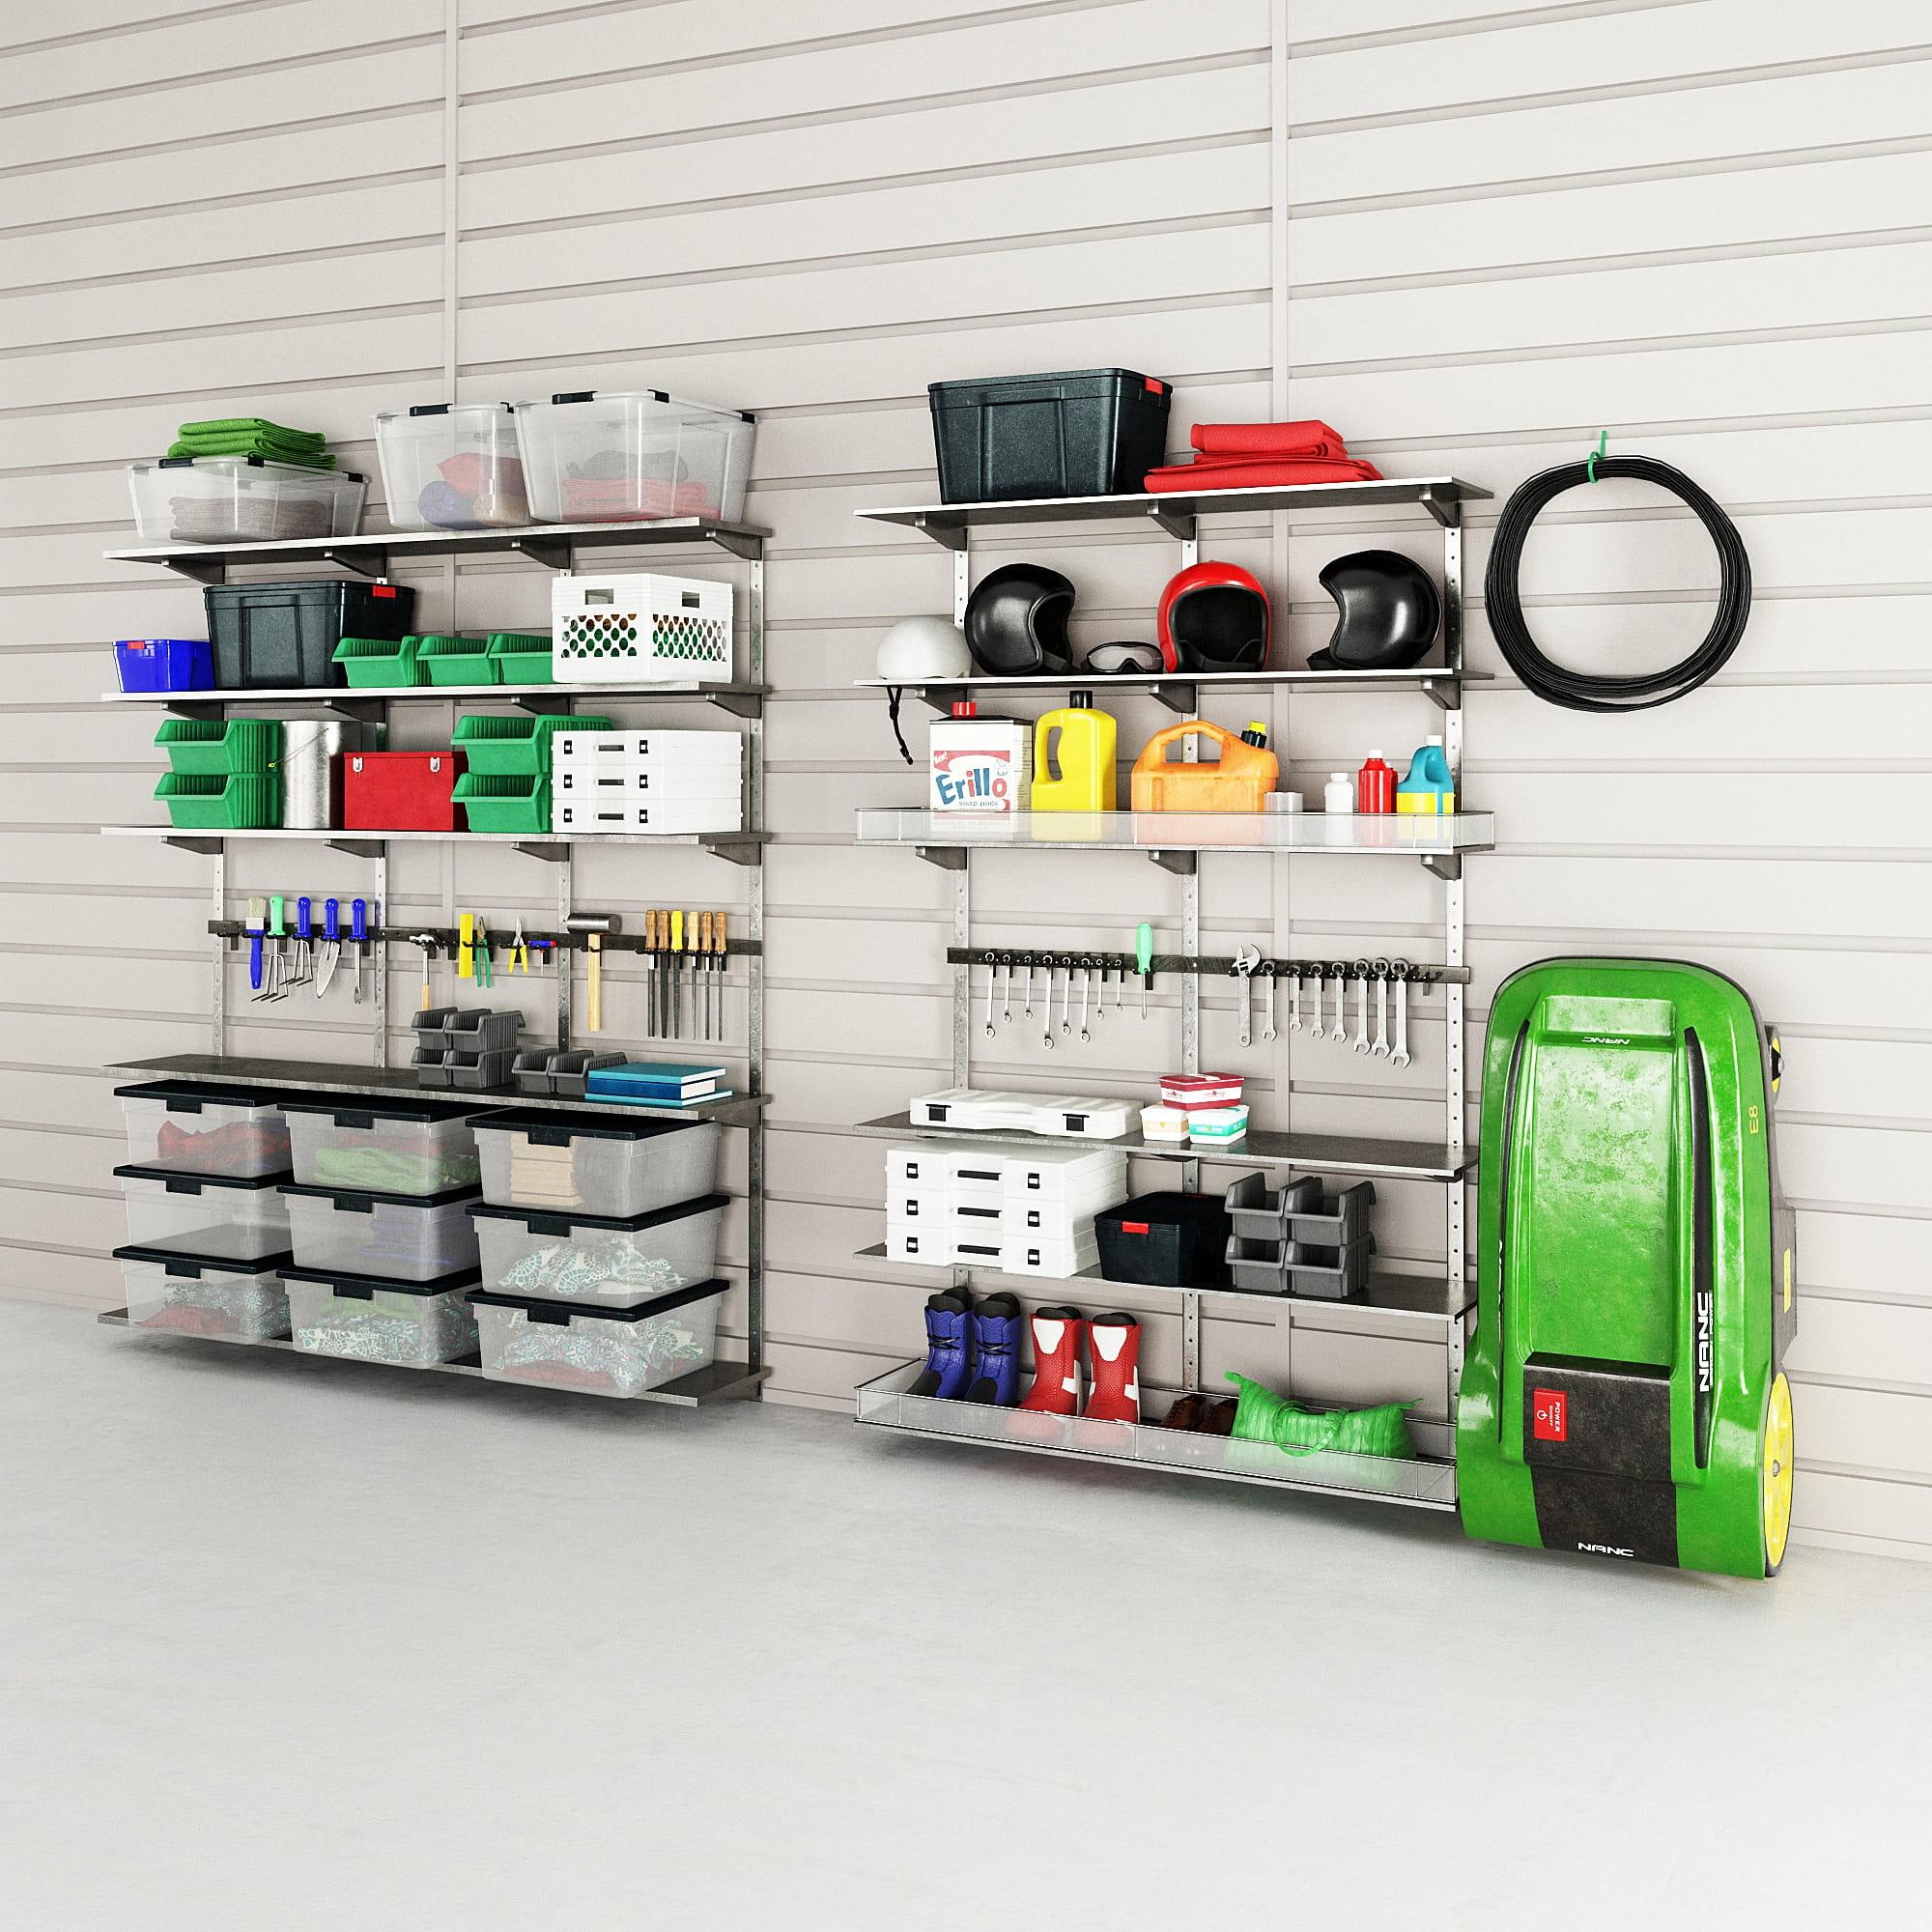 garage equipment 15 AM222 Archmodels